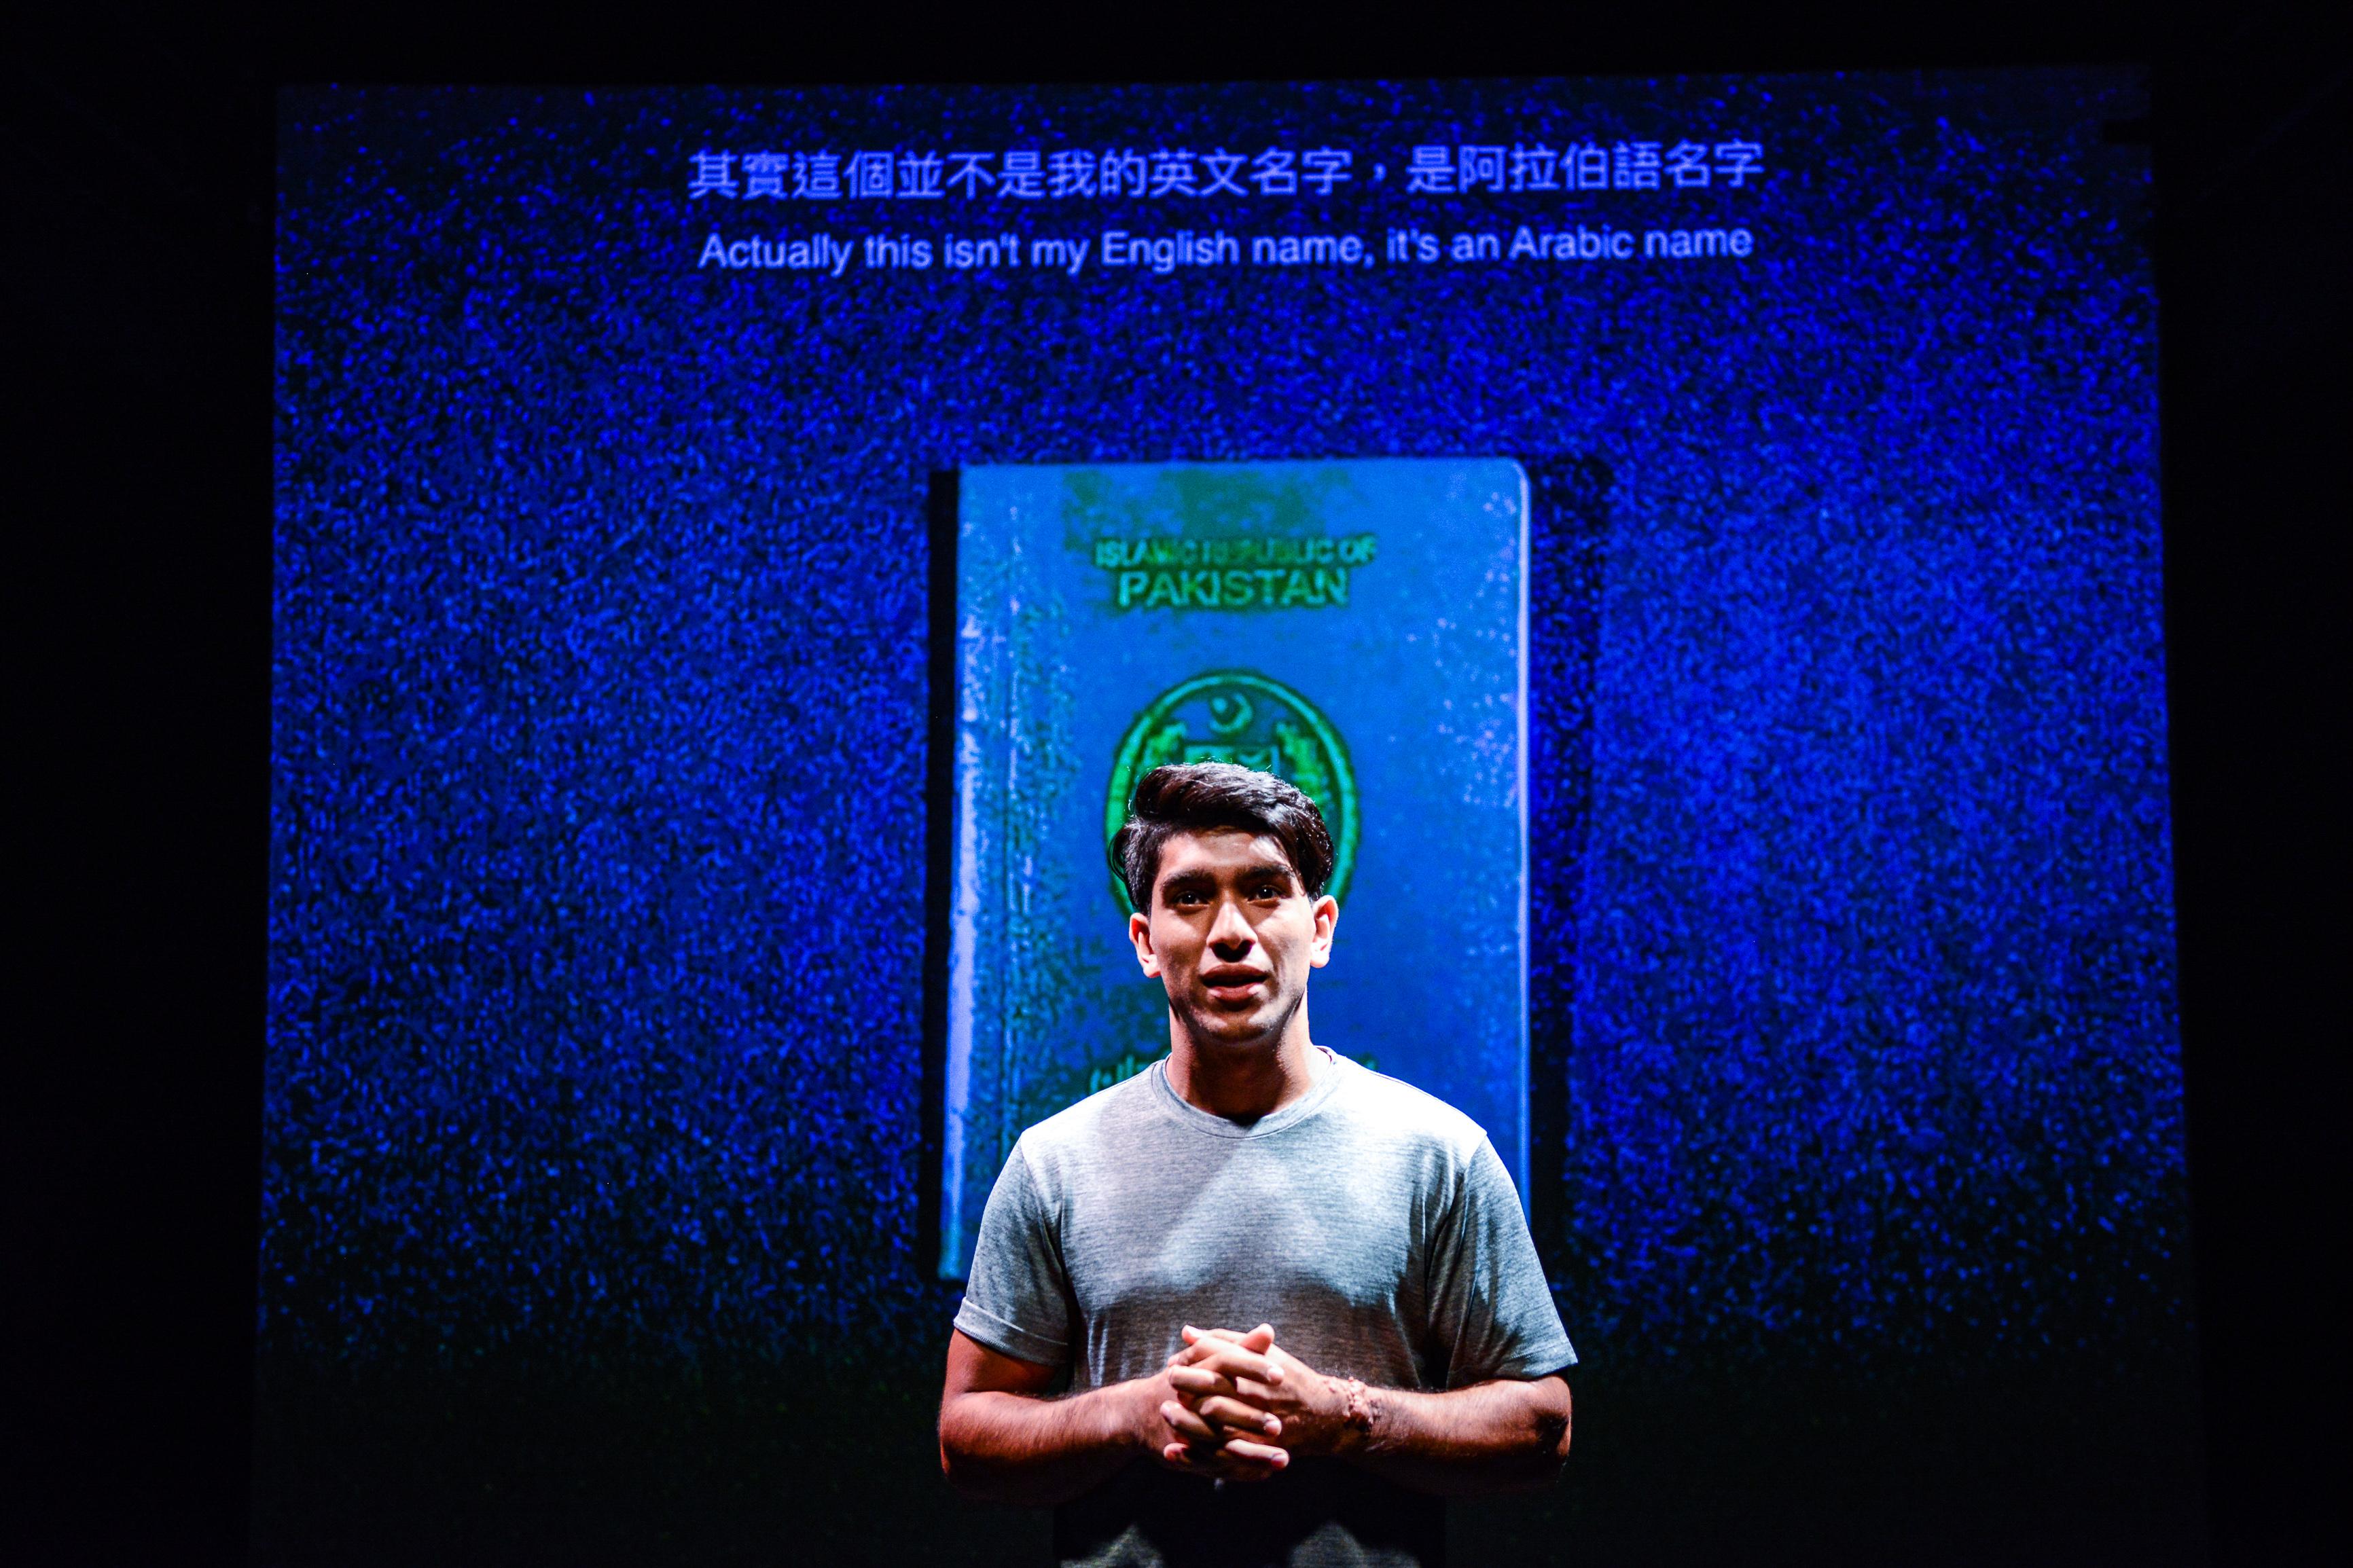 《山下的證詞》/人物:巫加沙/類別:演出、《山下的證詞》/攝影:Fung Wai Sun/(天台製作 • 香港專業劇團)